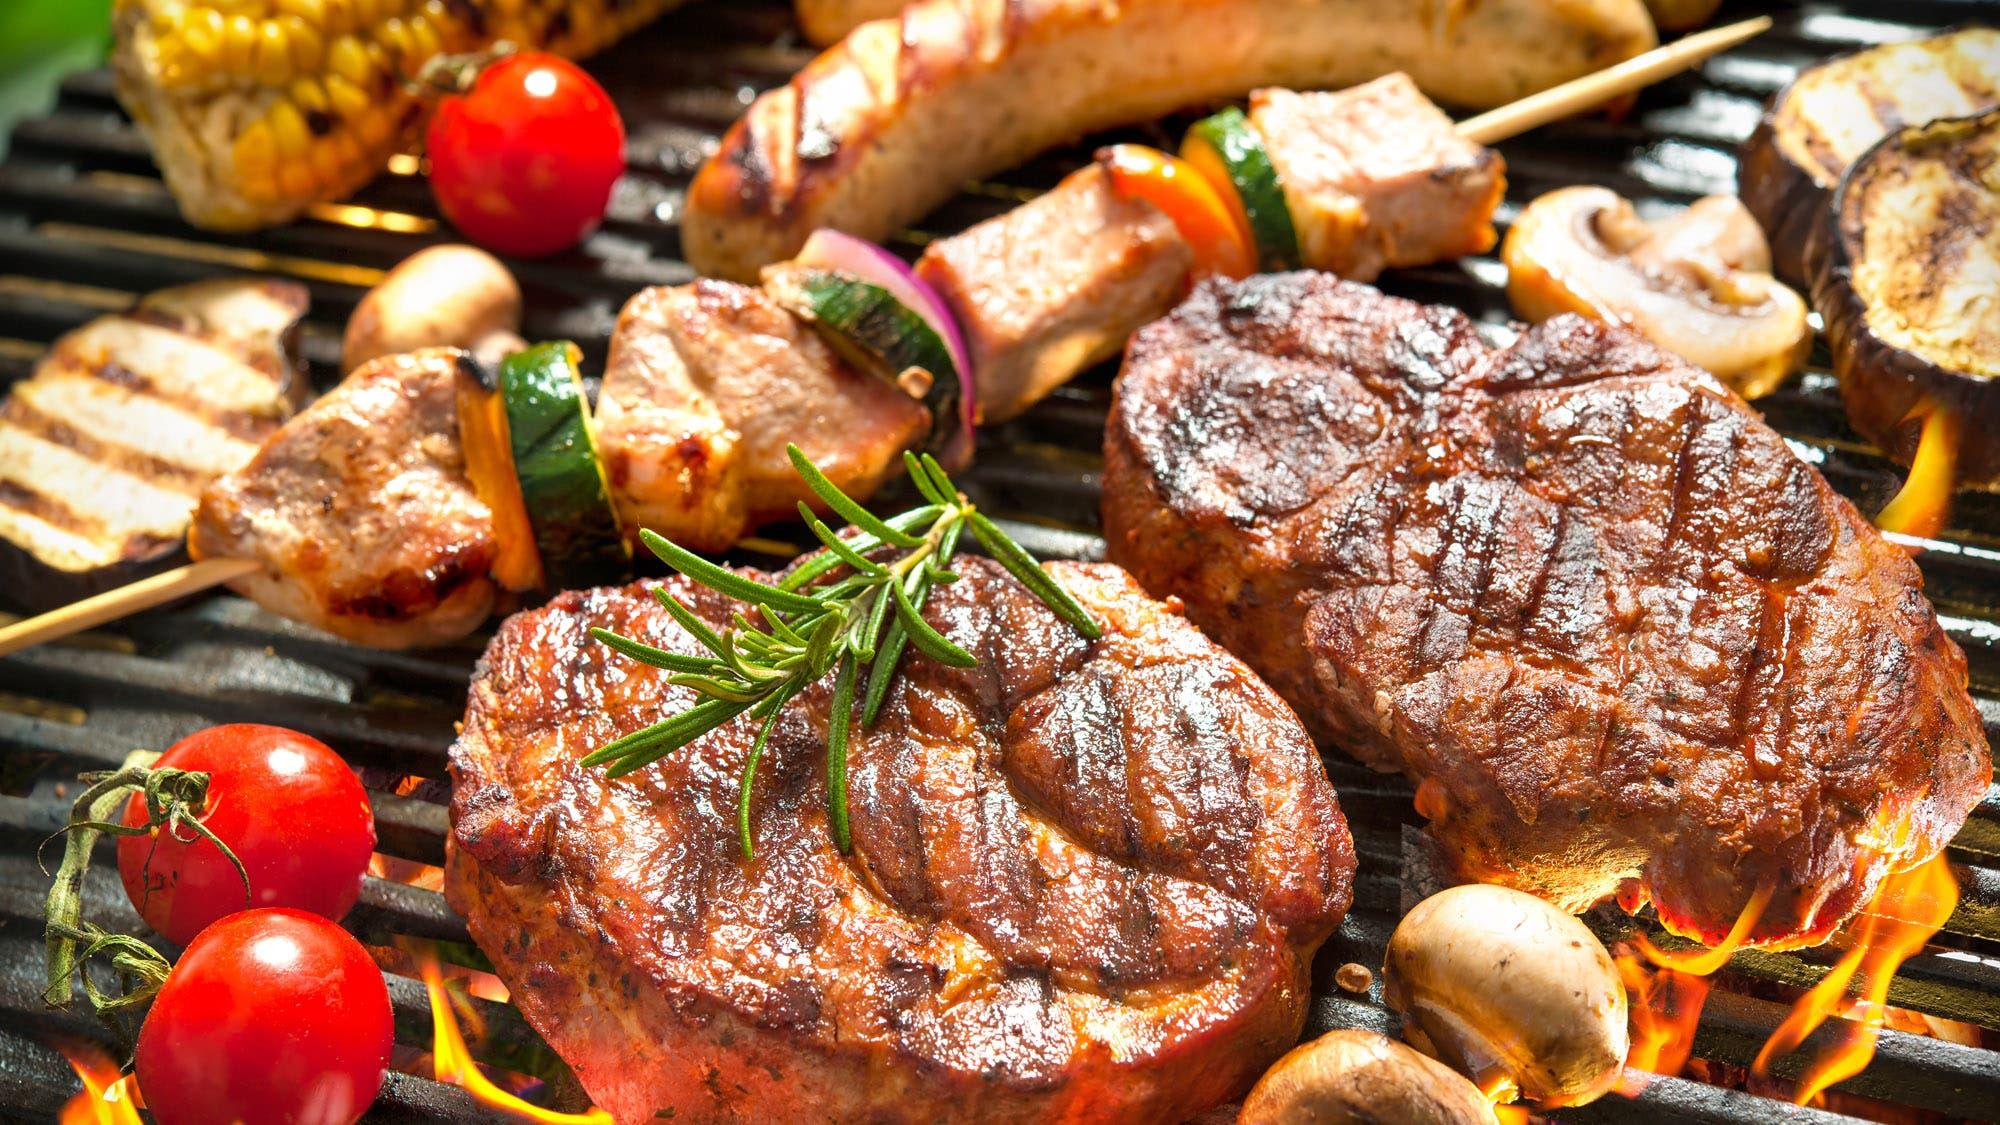 ¿Carbón o leña? ¿Qué corte de carne elegir? Secretos y recetas de parrilleros exitosos